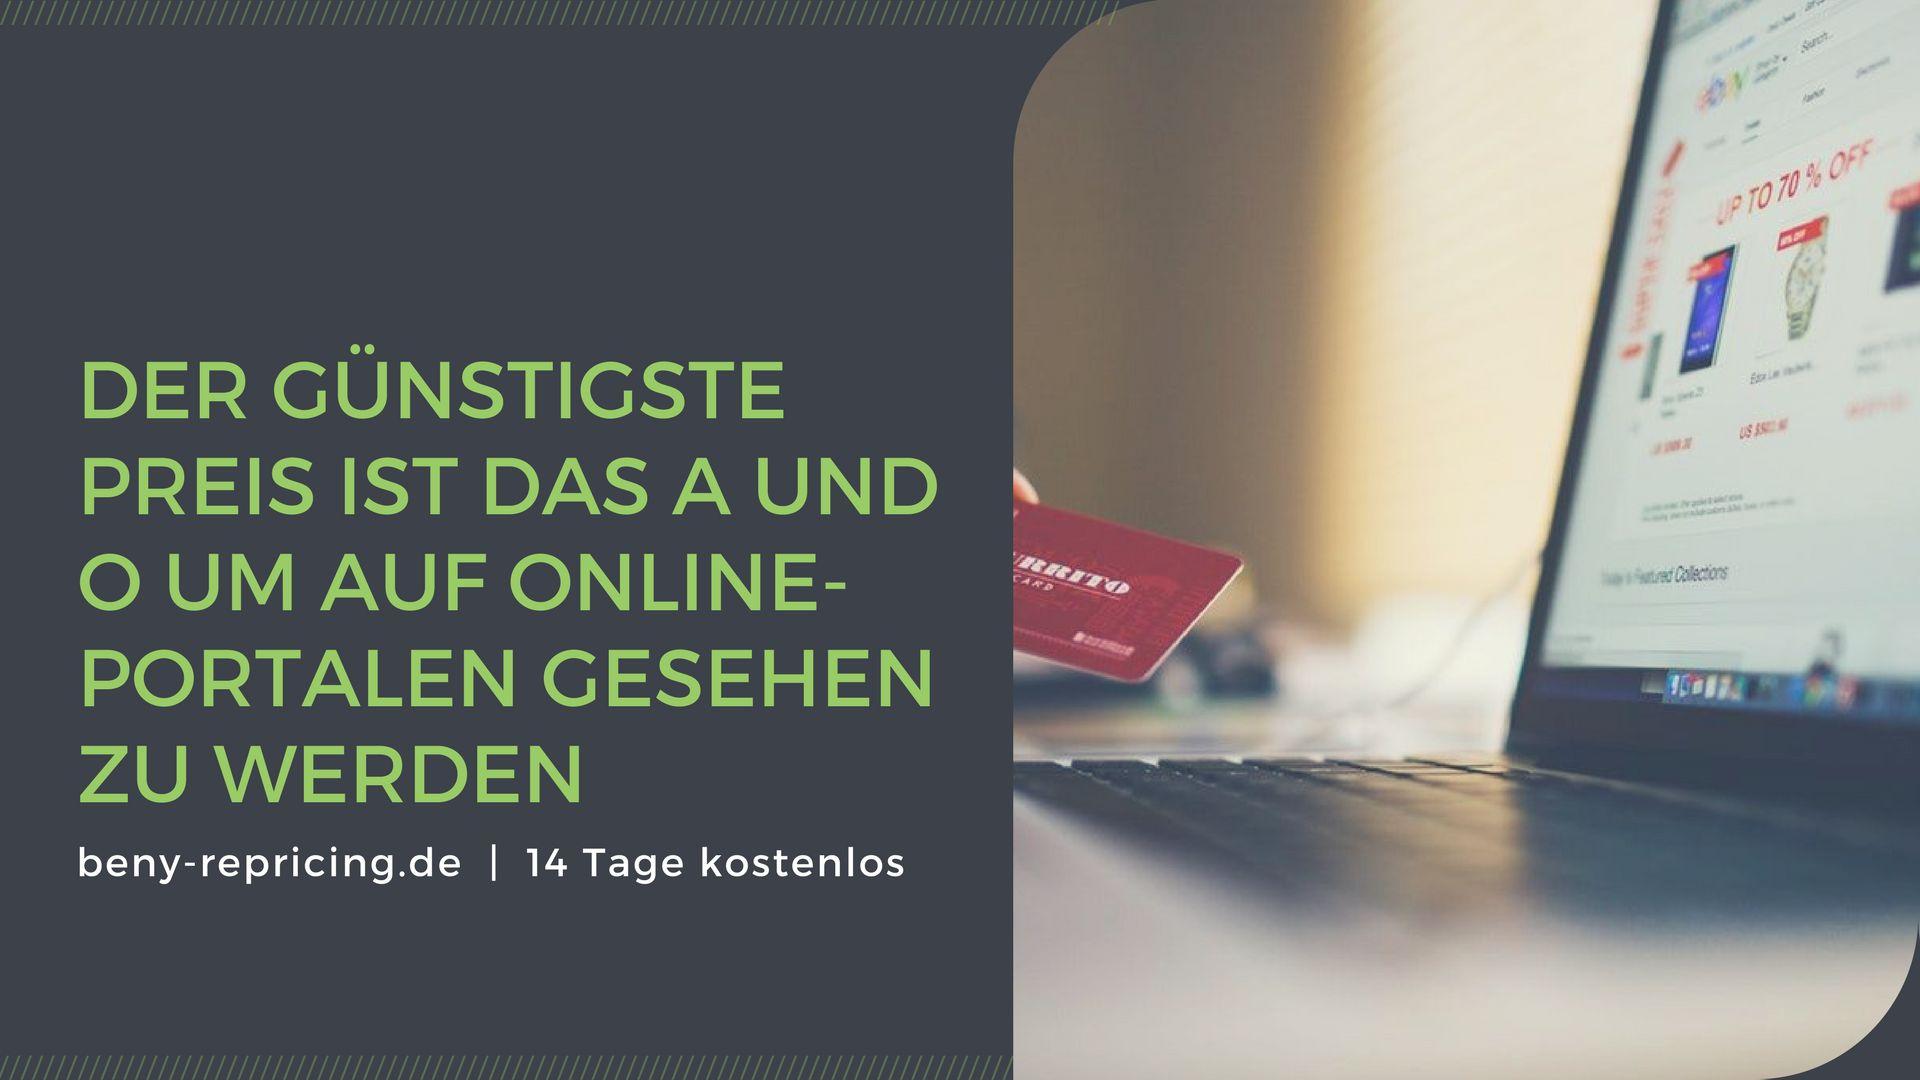 Online-Marktplätze wie Idealo, eBay und Co sind für Online-Shops eine super Möglichkeit um mehr Reichweite zu generieren und mehr Umsatz zu machen. Ein potentieller Kunde auf der Suche nach einem… Mehr lesen